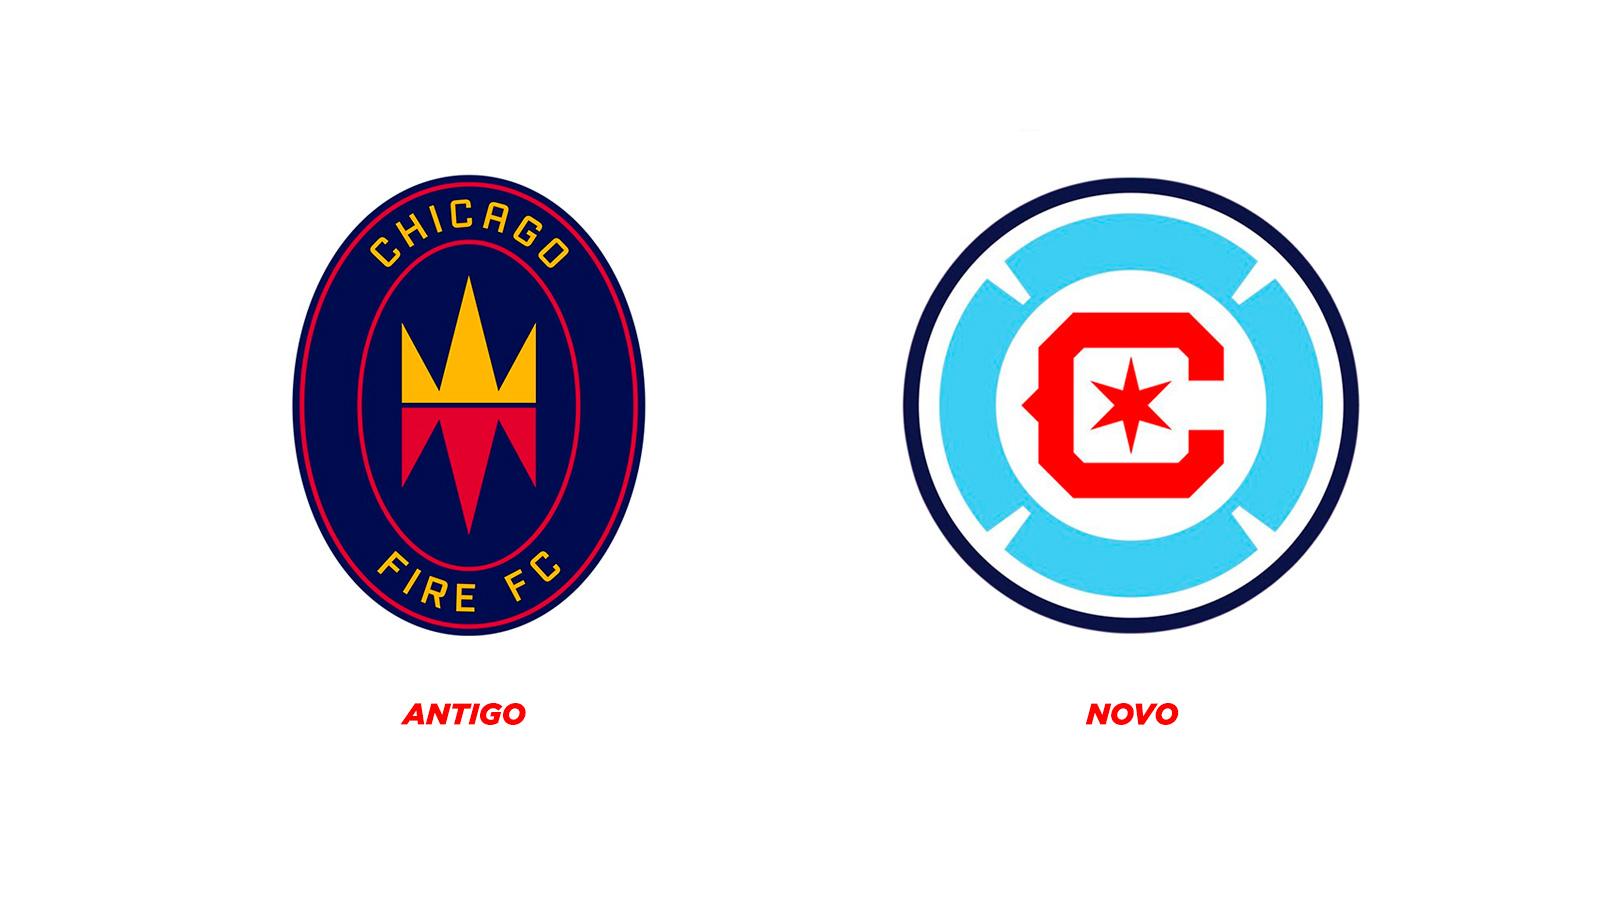 Chicago-Fire-escudos-antes-depois